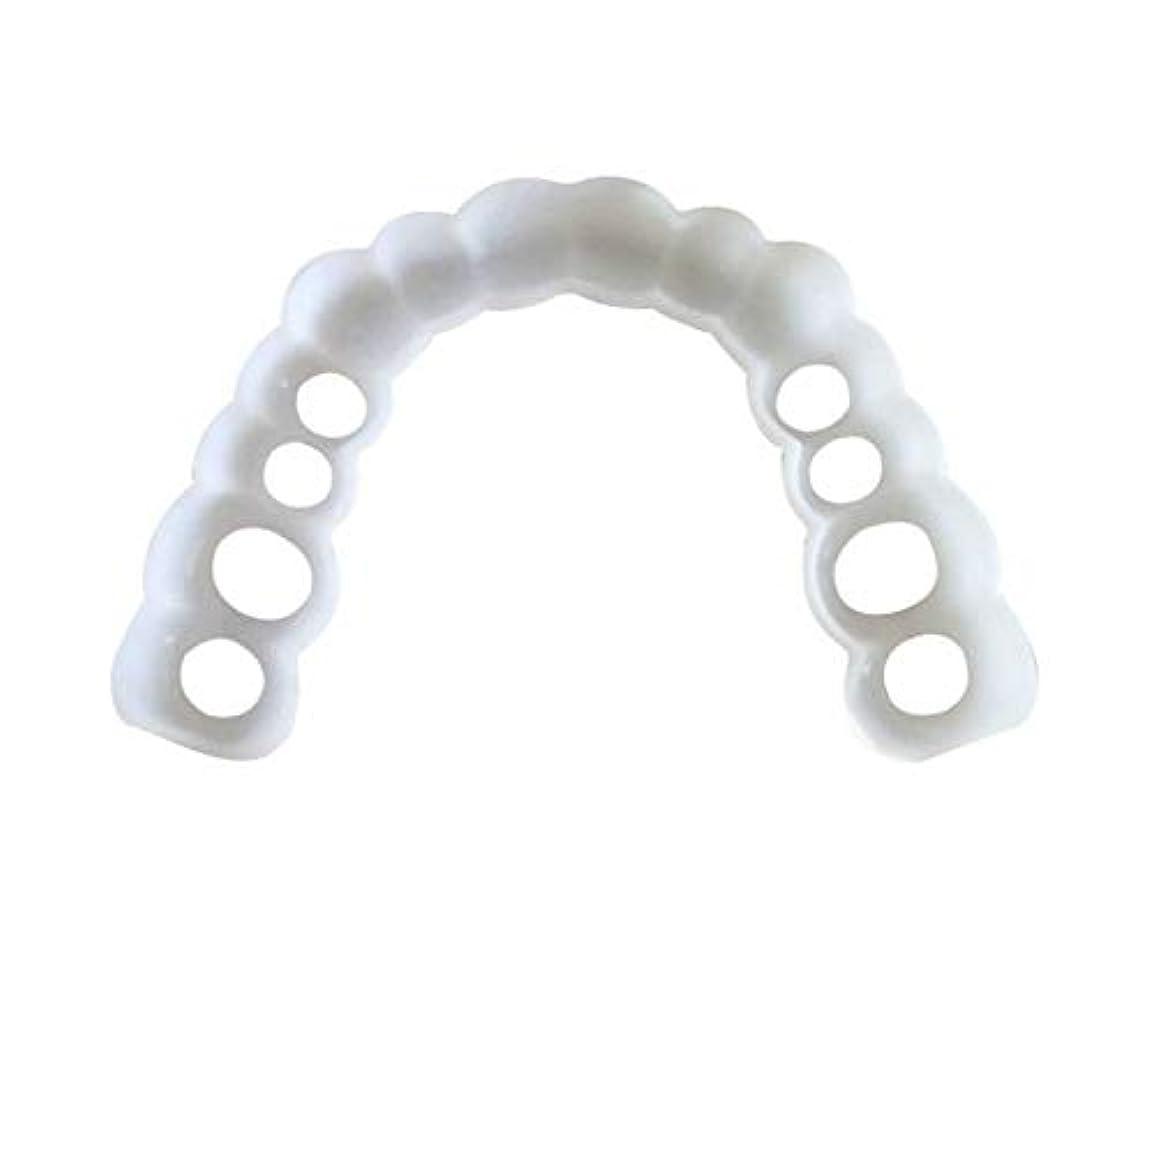 せせらぎ取り組む透ける777/5000 1組の一時的な化粧品の歯義歯の歯の化粧品の模擬装具アッパーブレース+ロワーブレース、インスタント快適なフレックスパーフェクトベニア上の歯のスナップキャップ